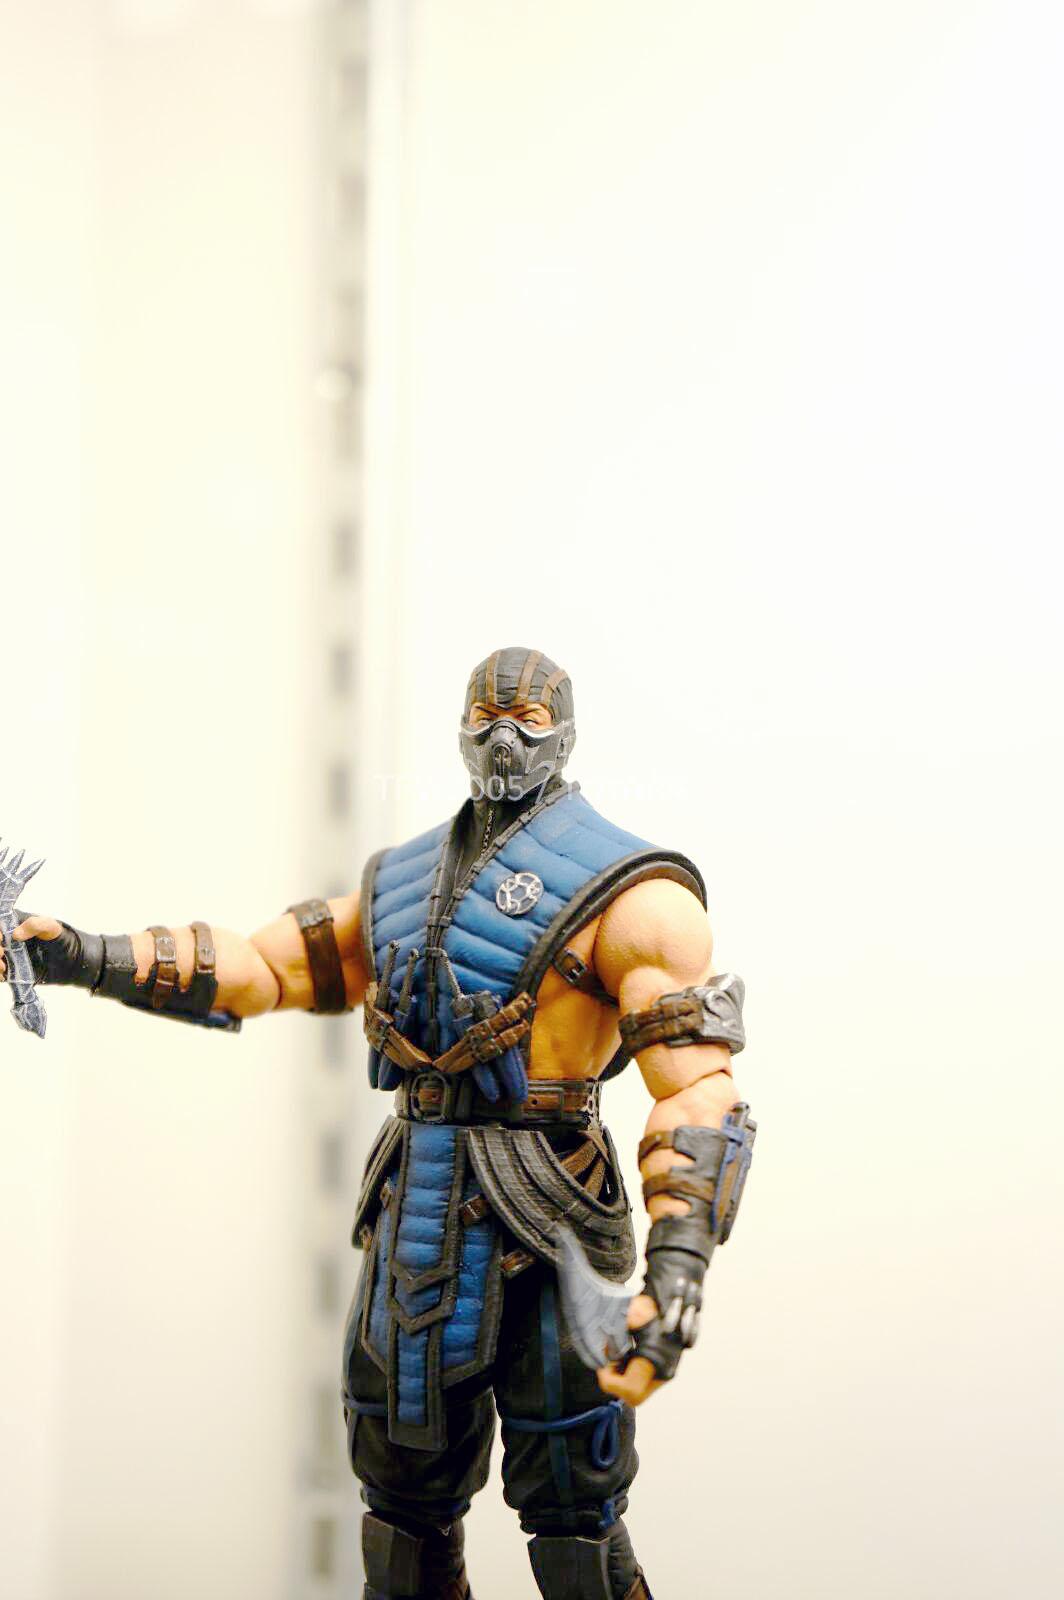 [NYCC 2014] MEZCO - 6-Inch Mortal Kombat X Figures NYCC-2014-Mezco-Mortal-Kombat-X-004